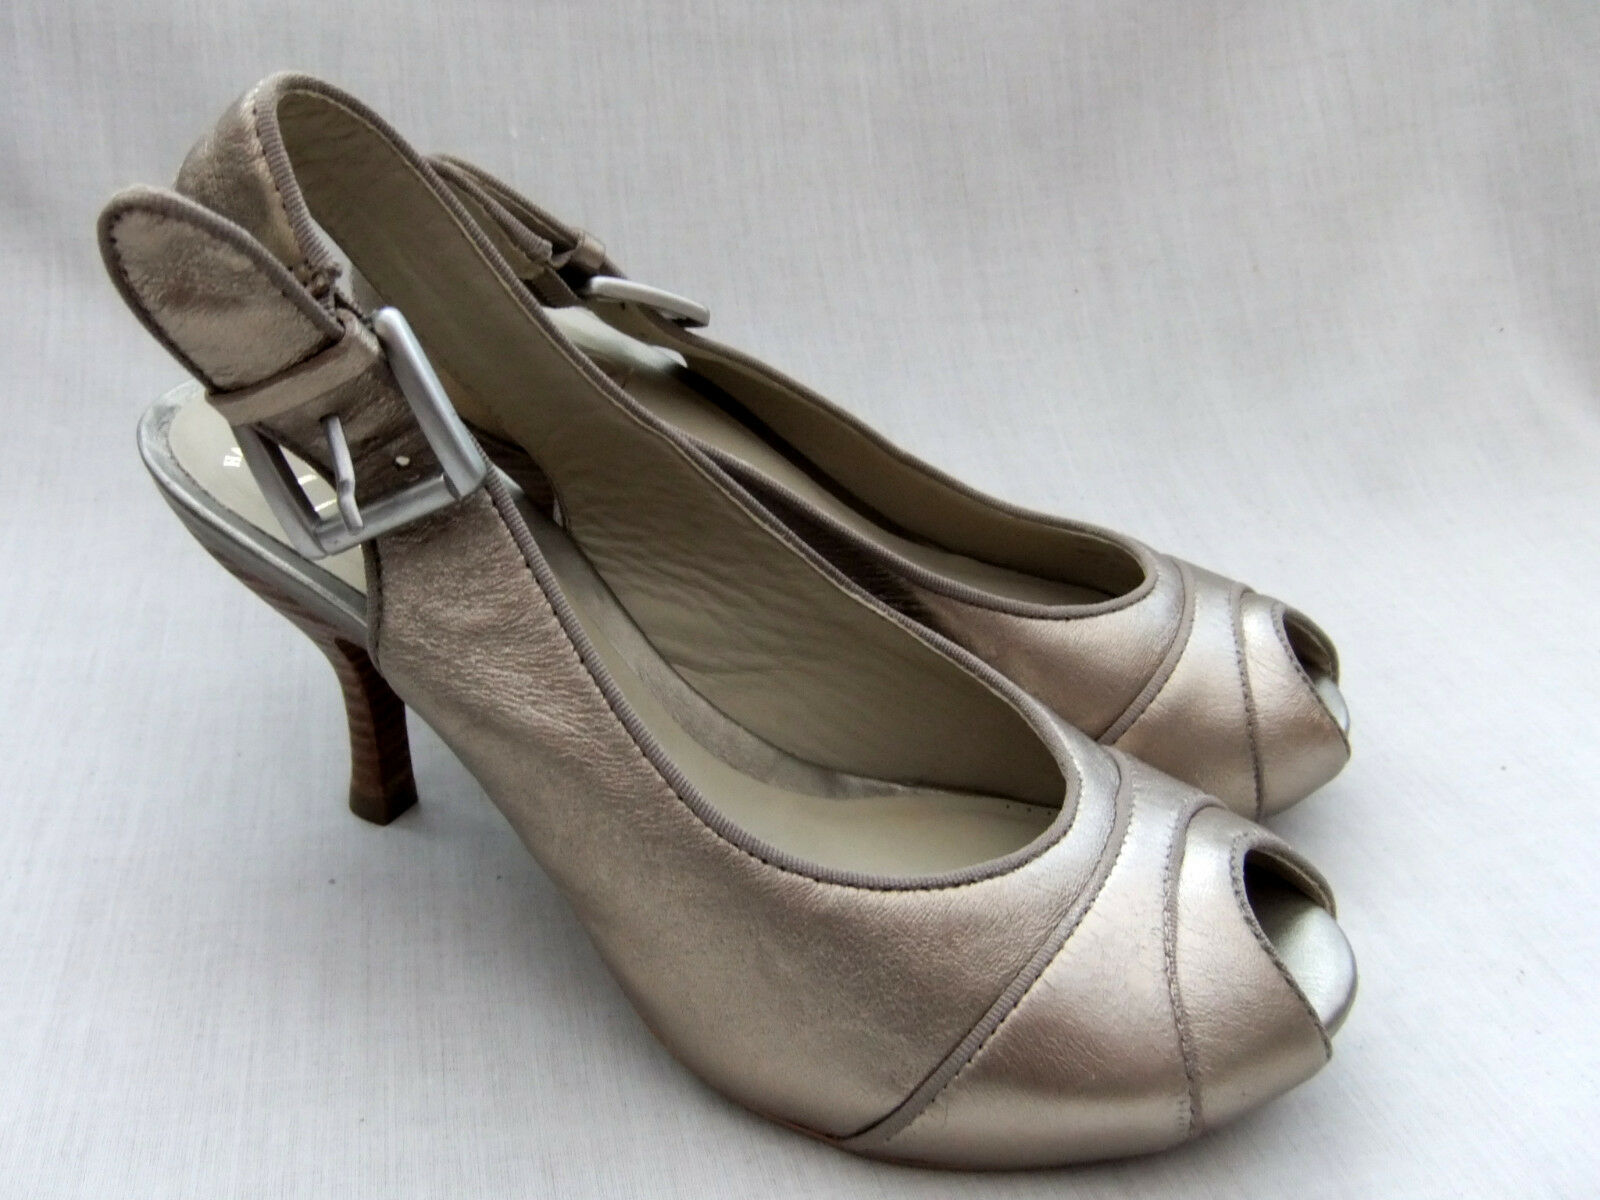 Zapatos De Cuero nuevos CLARKS HECHOS A MANO MANO MANO Trini Asha Para Mujer Metálico Talla 5 38  mejor calidad